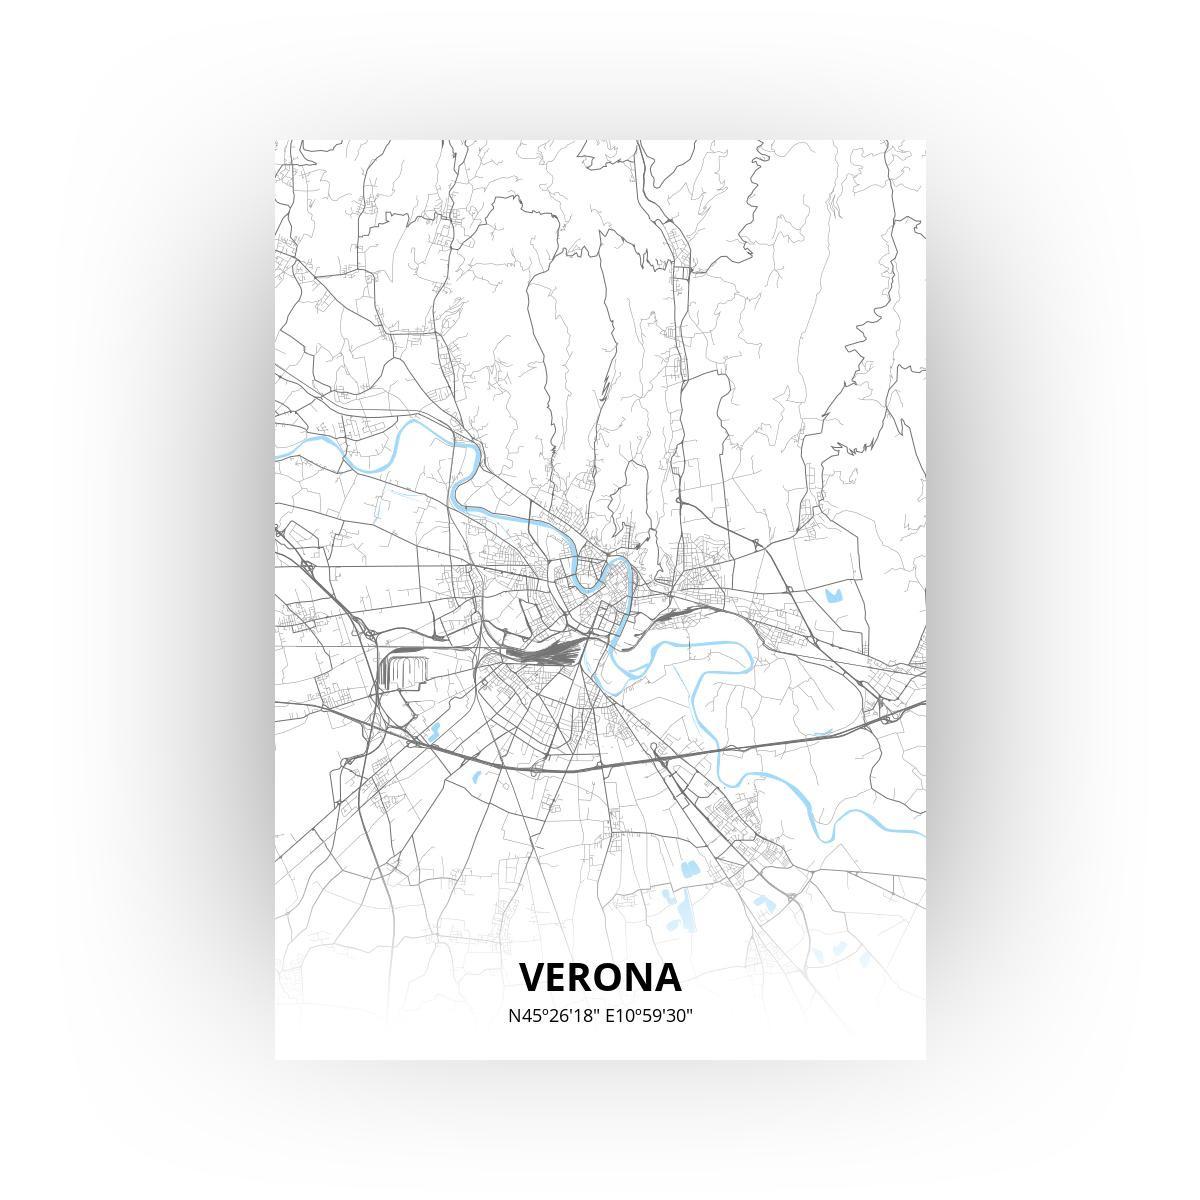 Verona print - Standaard stijl